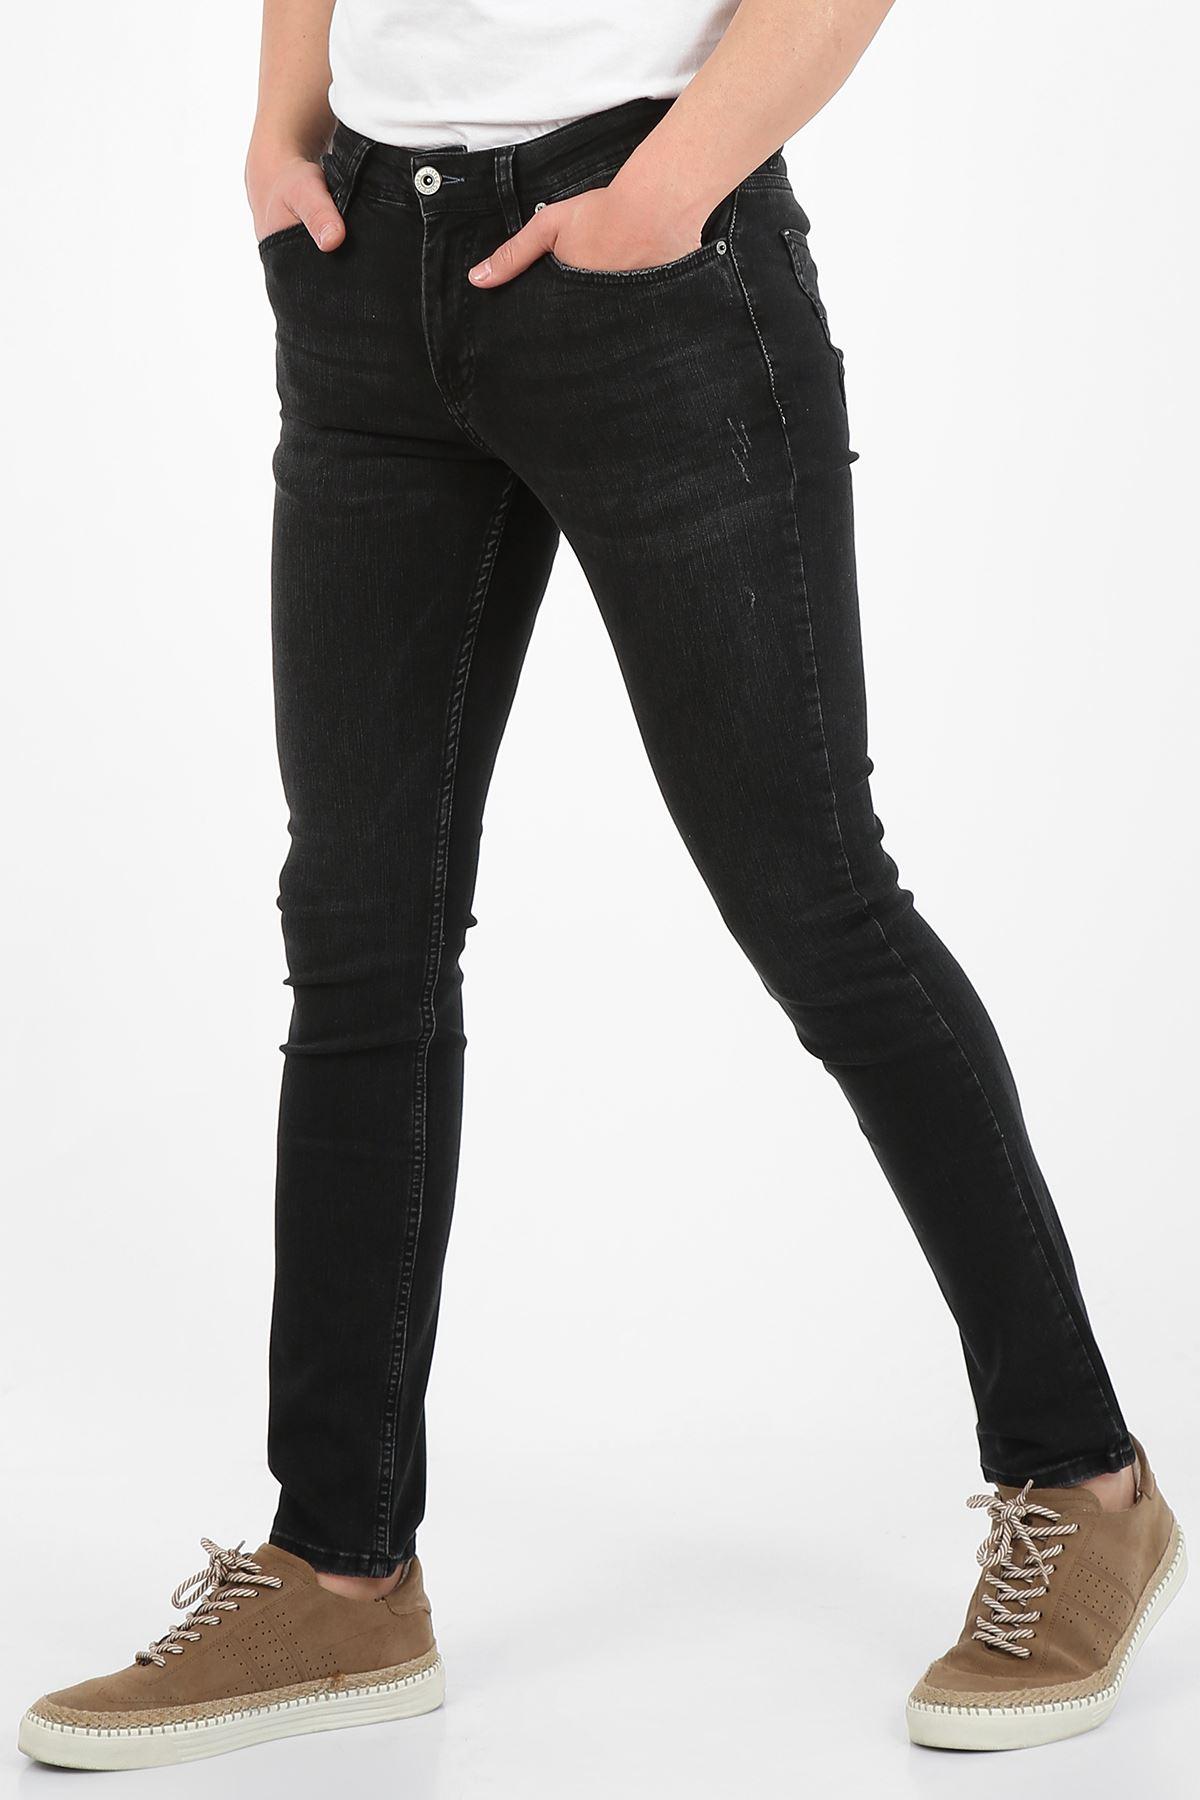 Siyah Slim Fit Fermuarlı Erkek Jeans Pantolon-JONAS